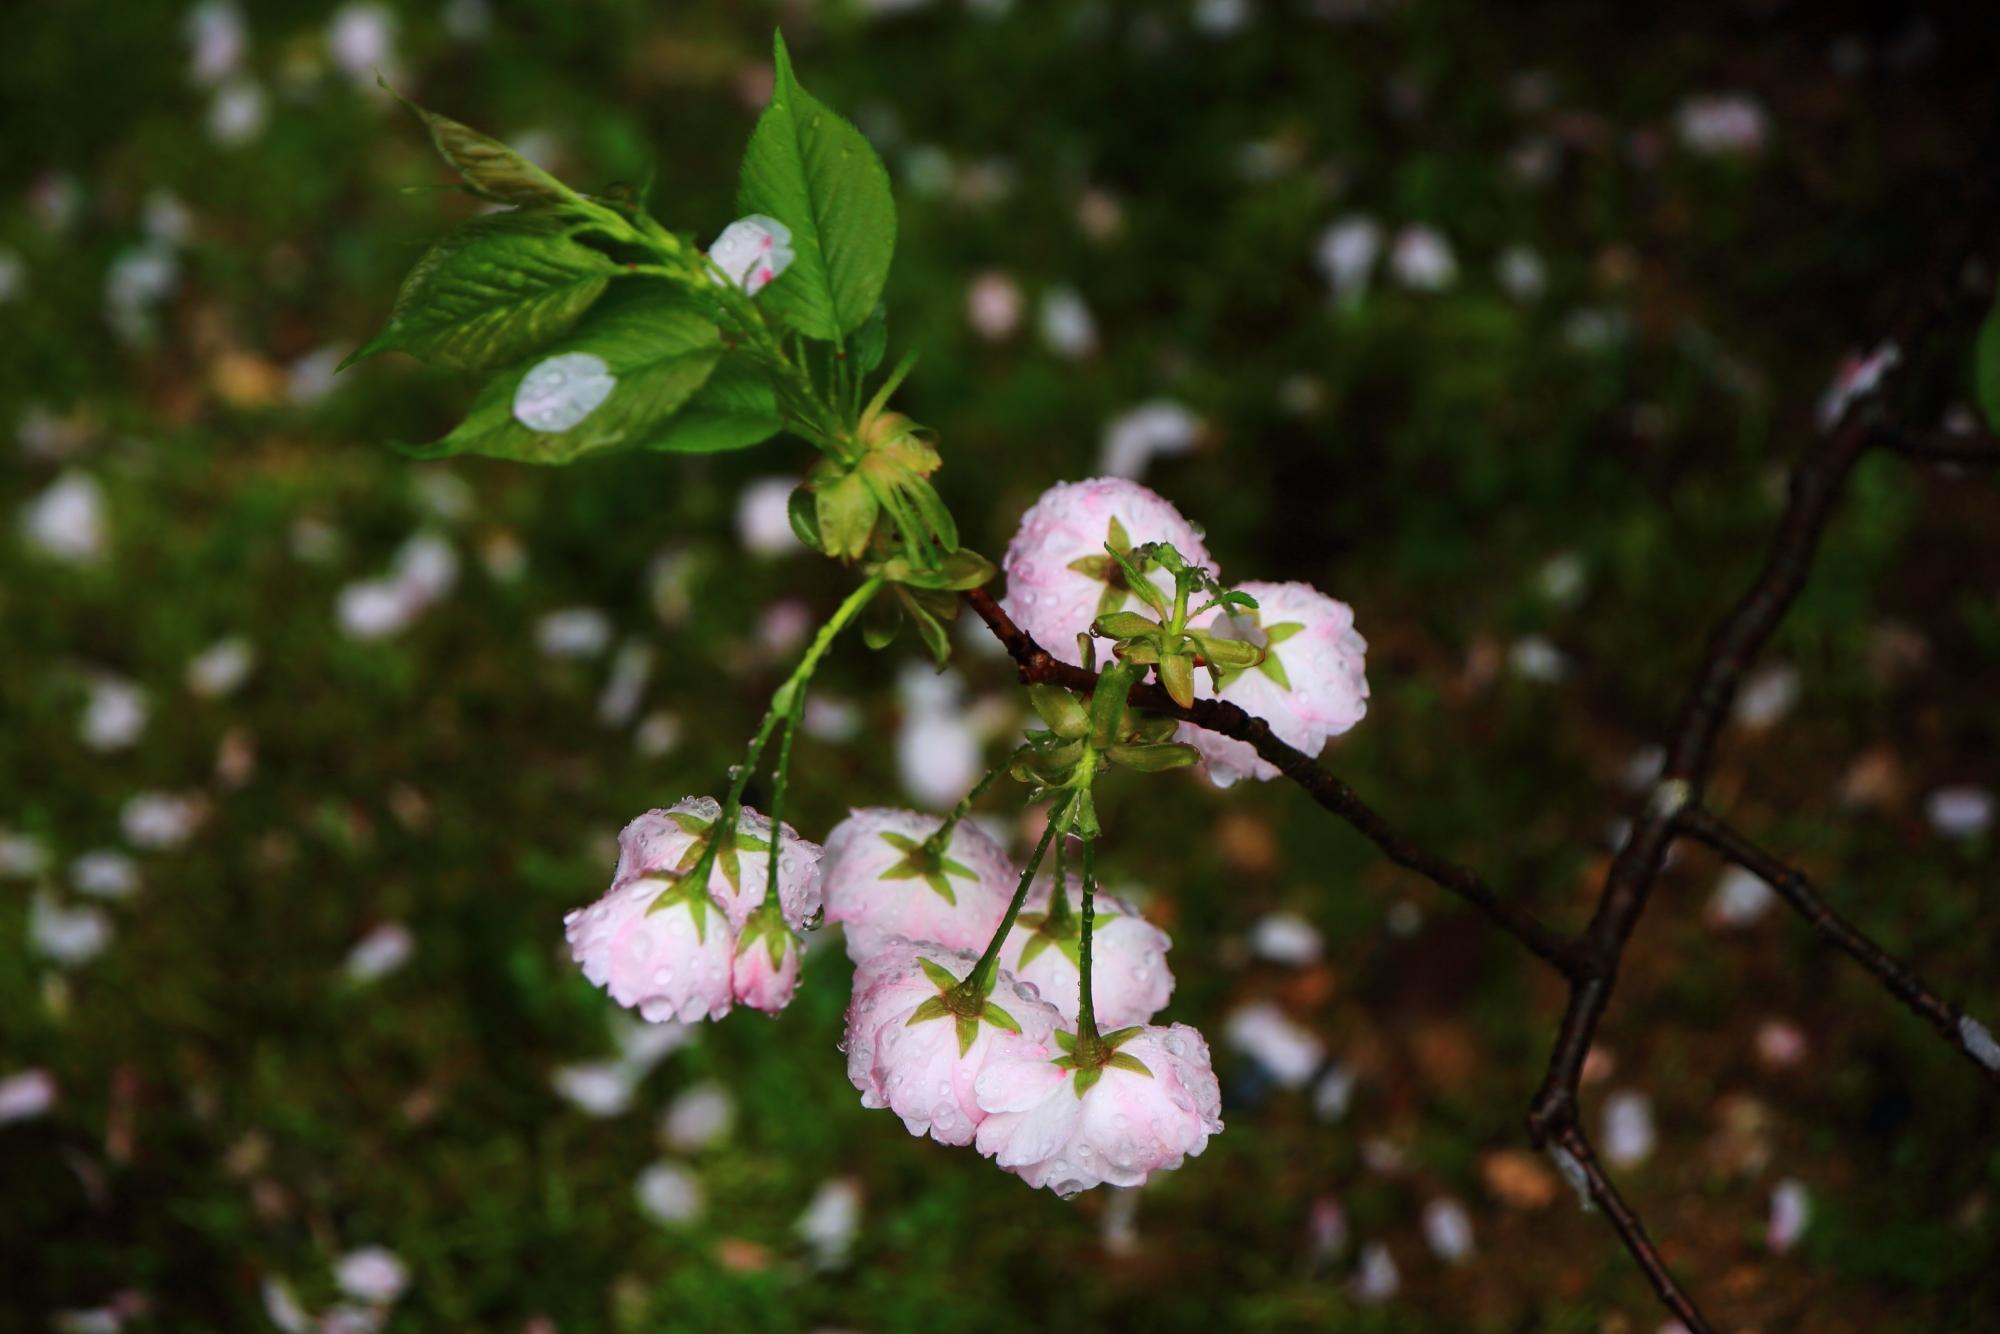 桜の花びらが散る桜